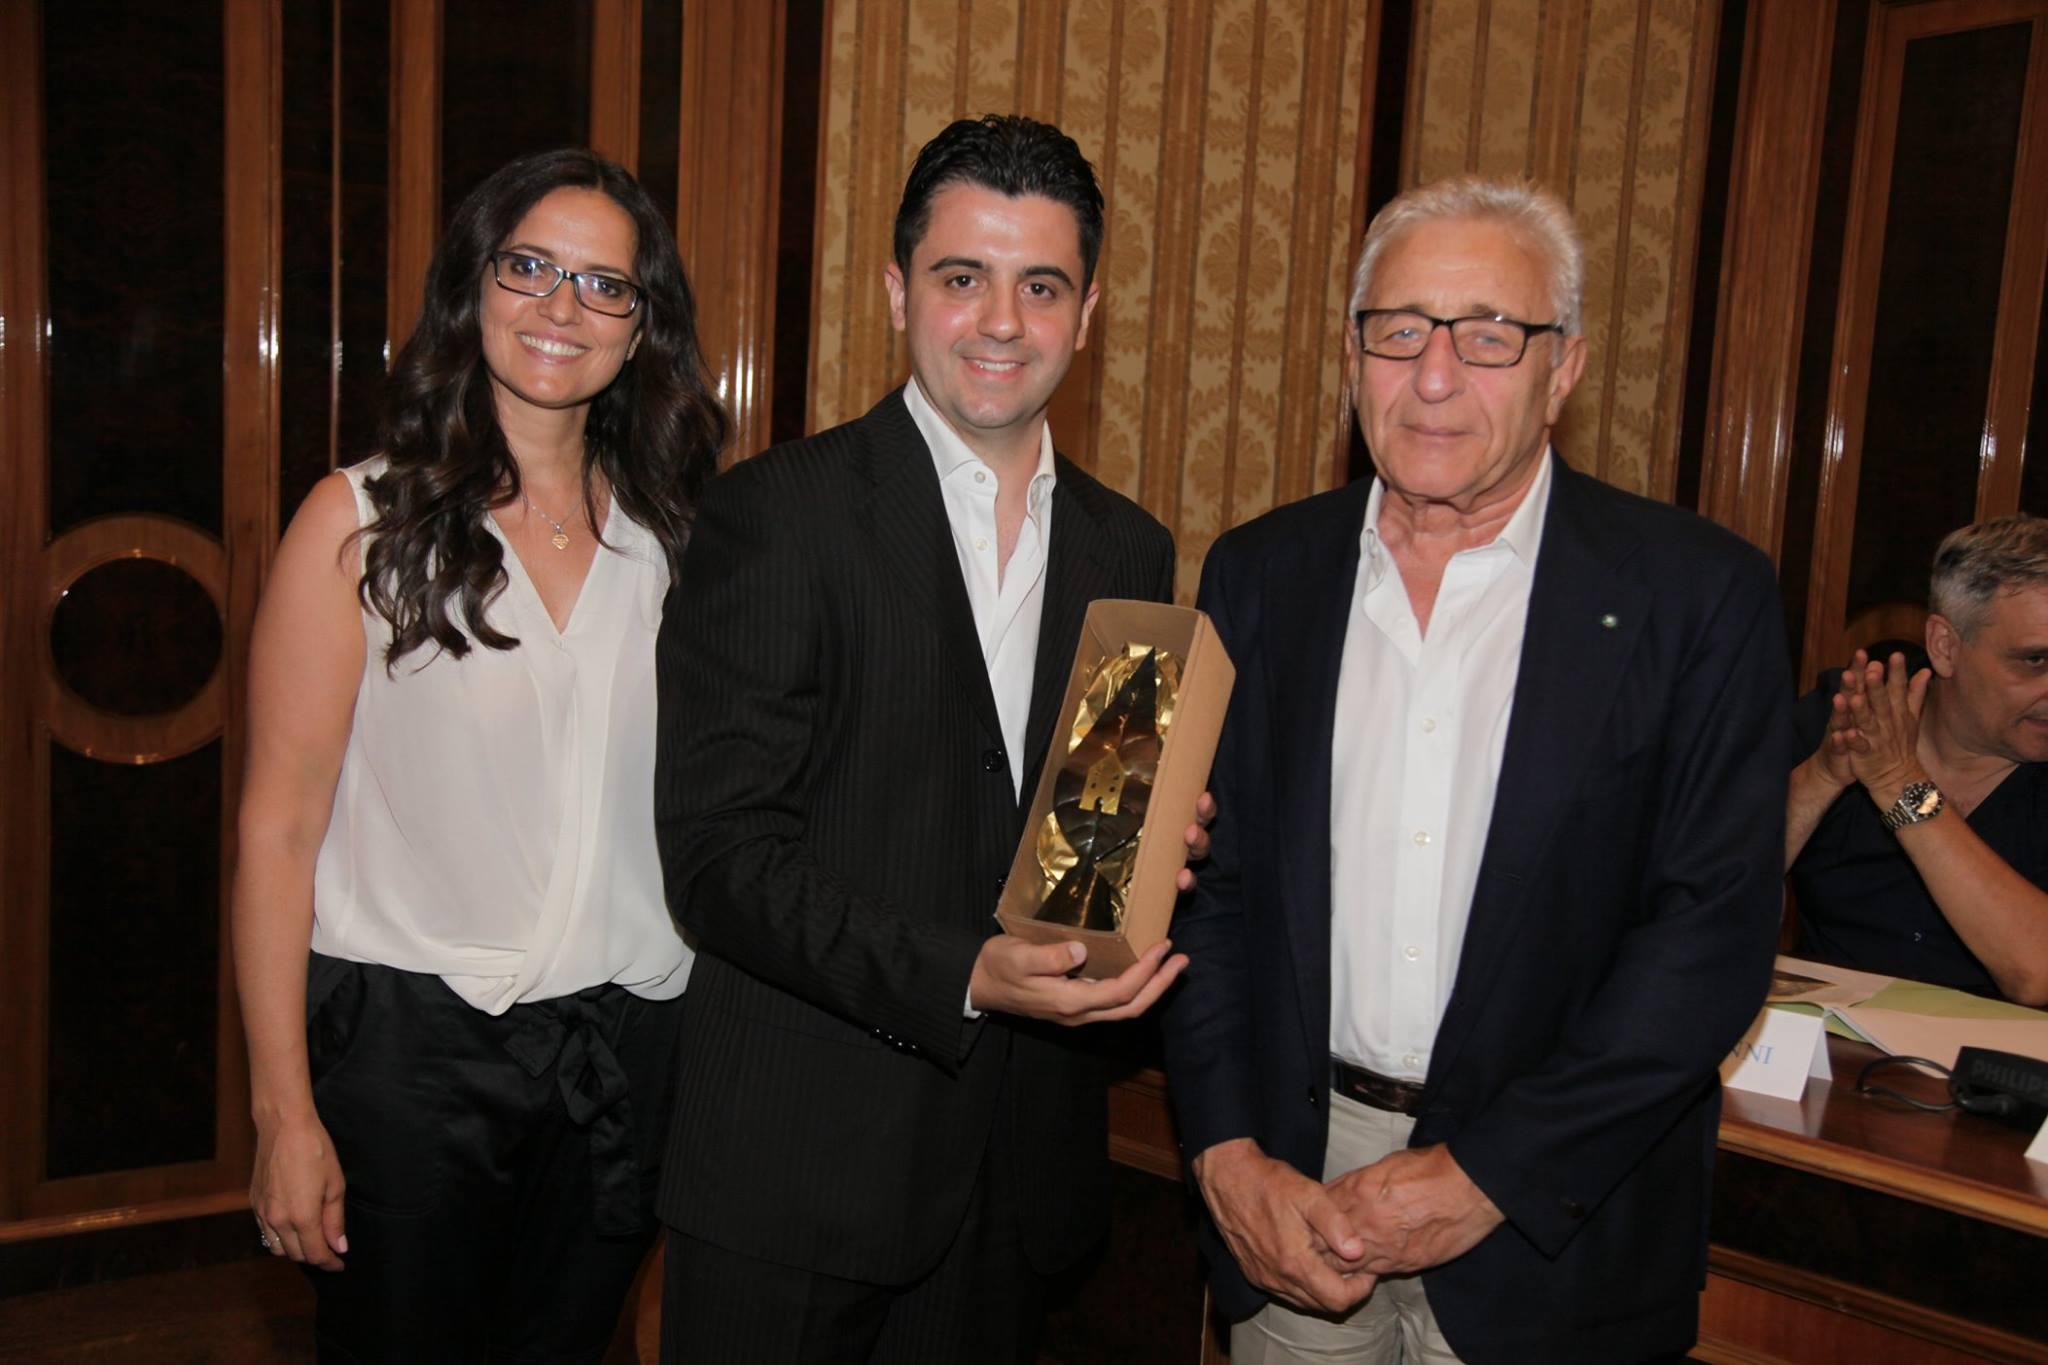 Premiazione dell'Istituto 43° Tasso-San Gaetano con il cavaliere del lavoro Gianni Russo, sponsor con la Russo di Casandrino Spa, delle attività civiche del Premio GreenCare.